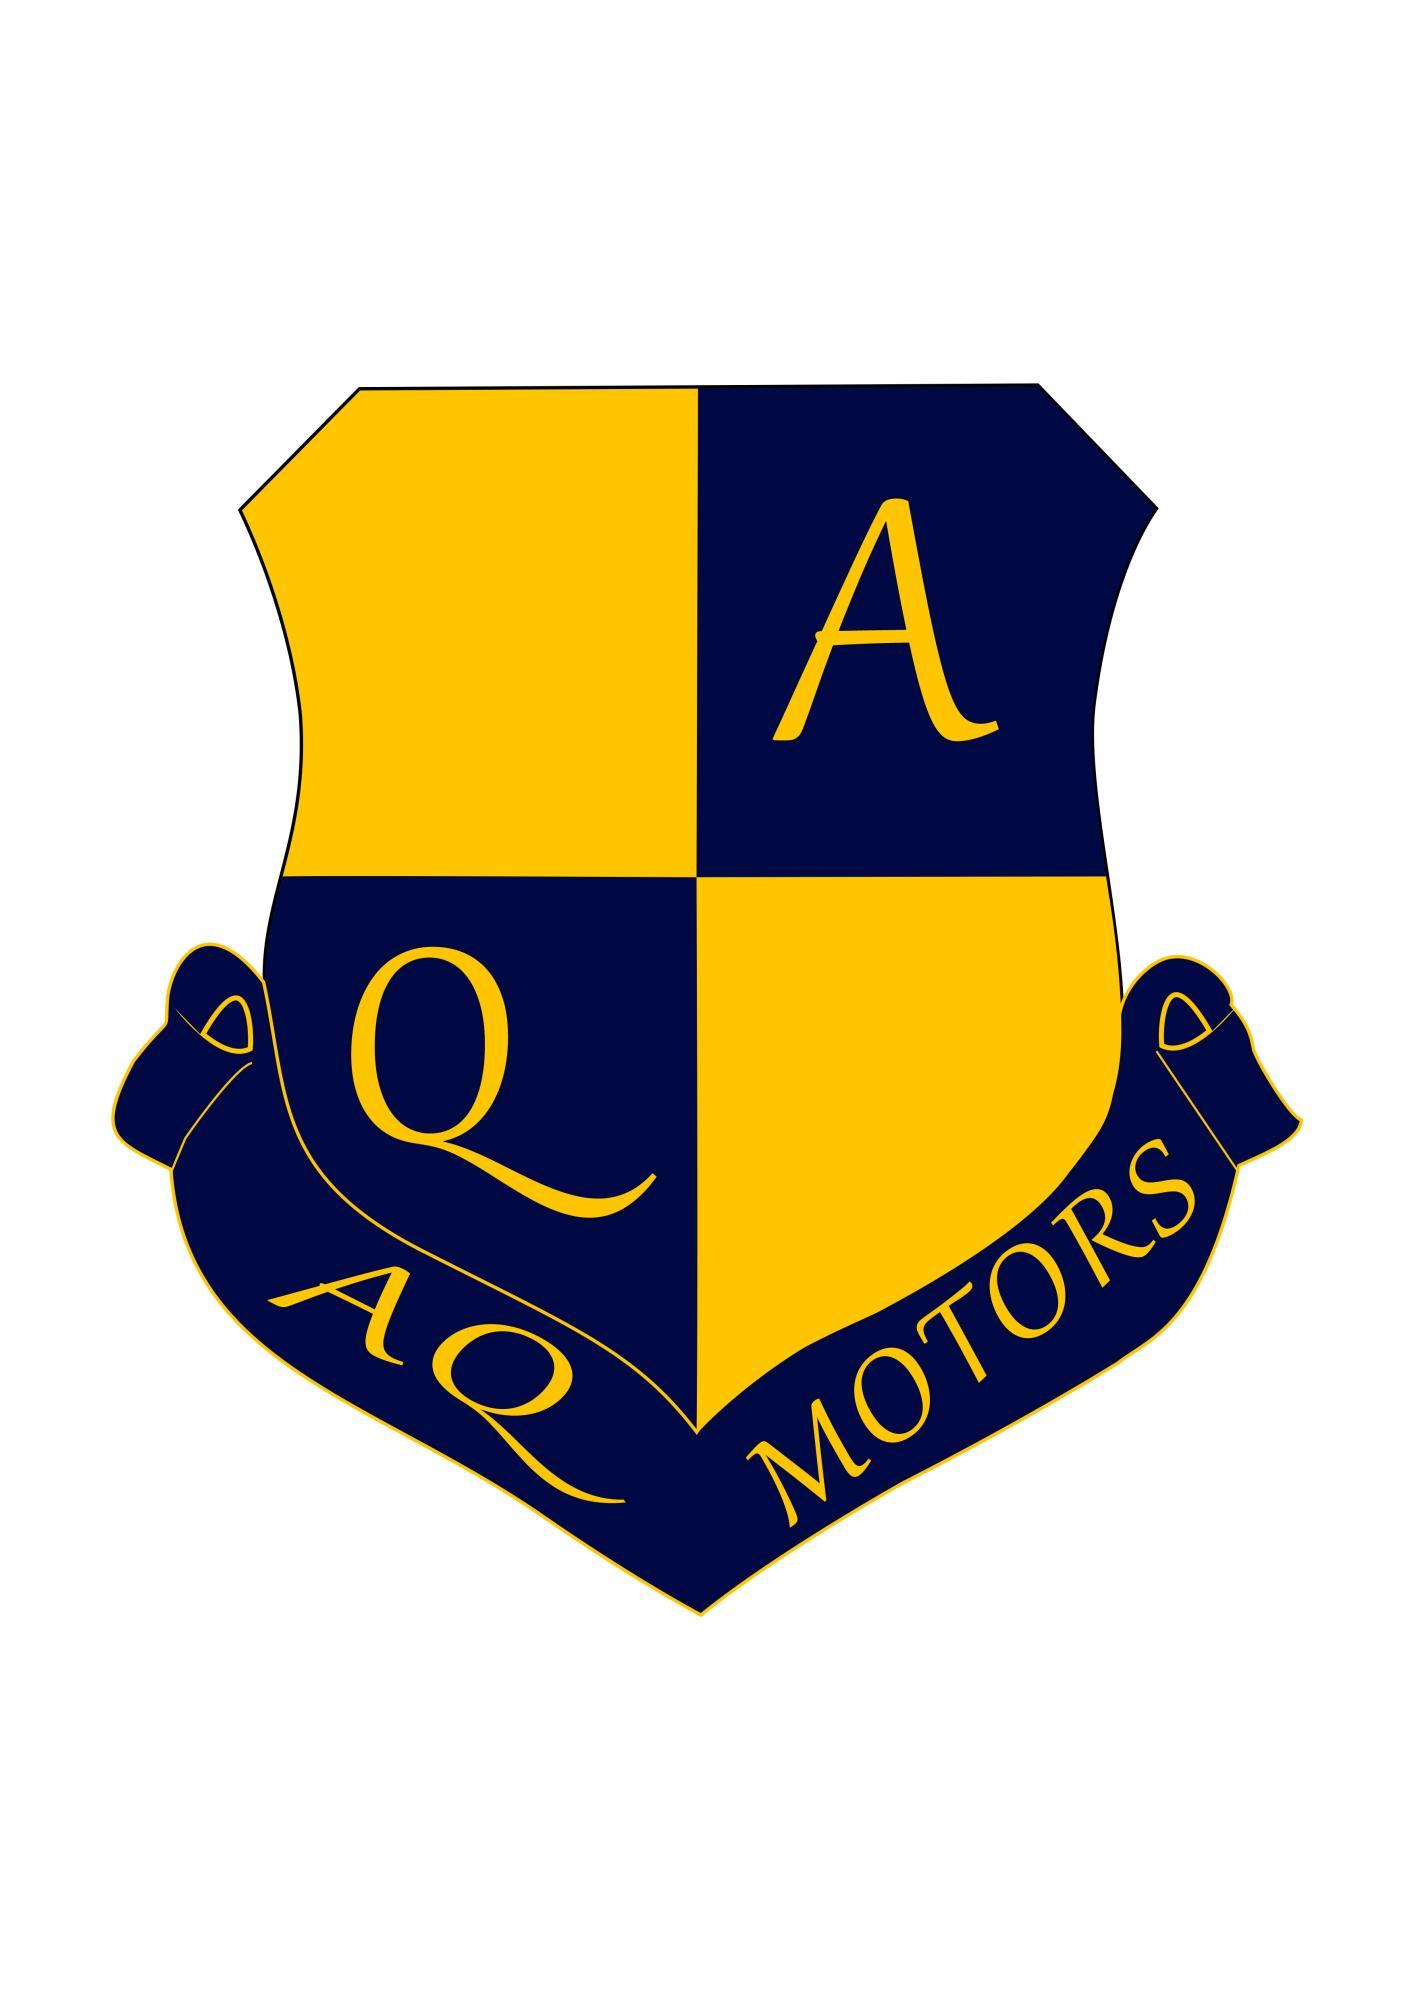 AQ Motors Limited